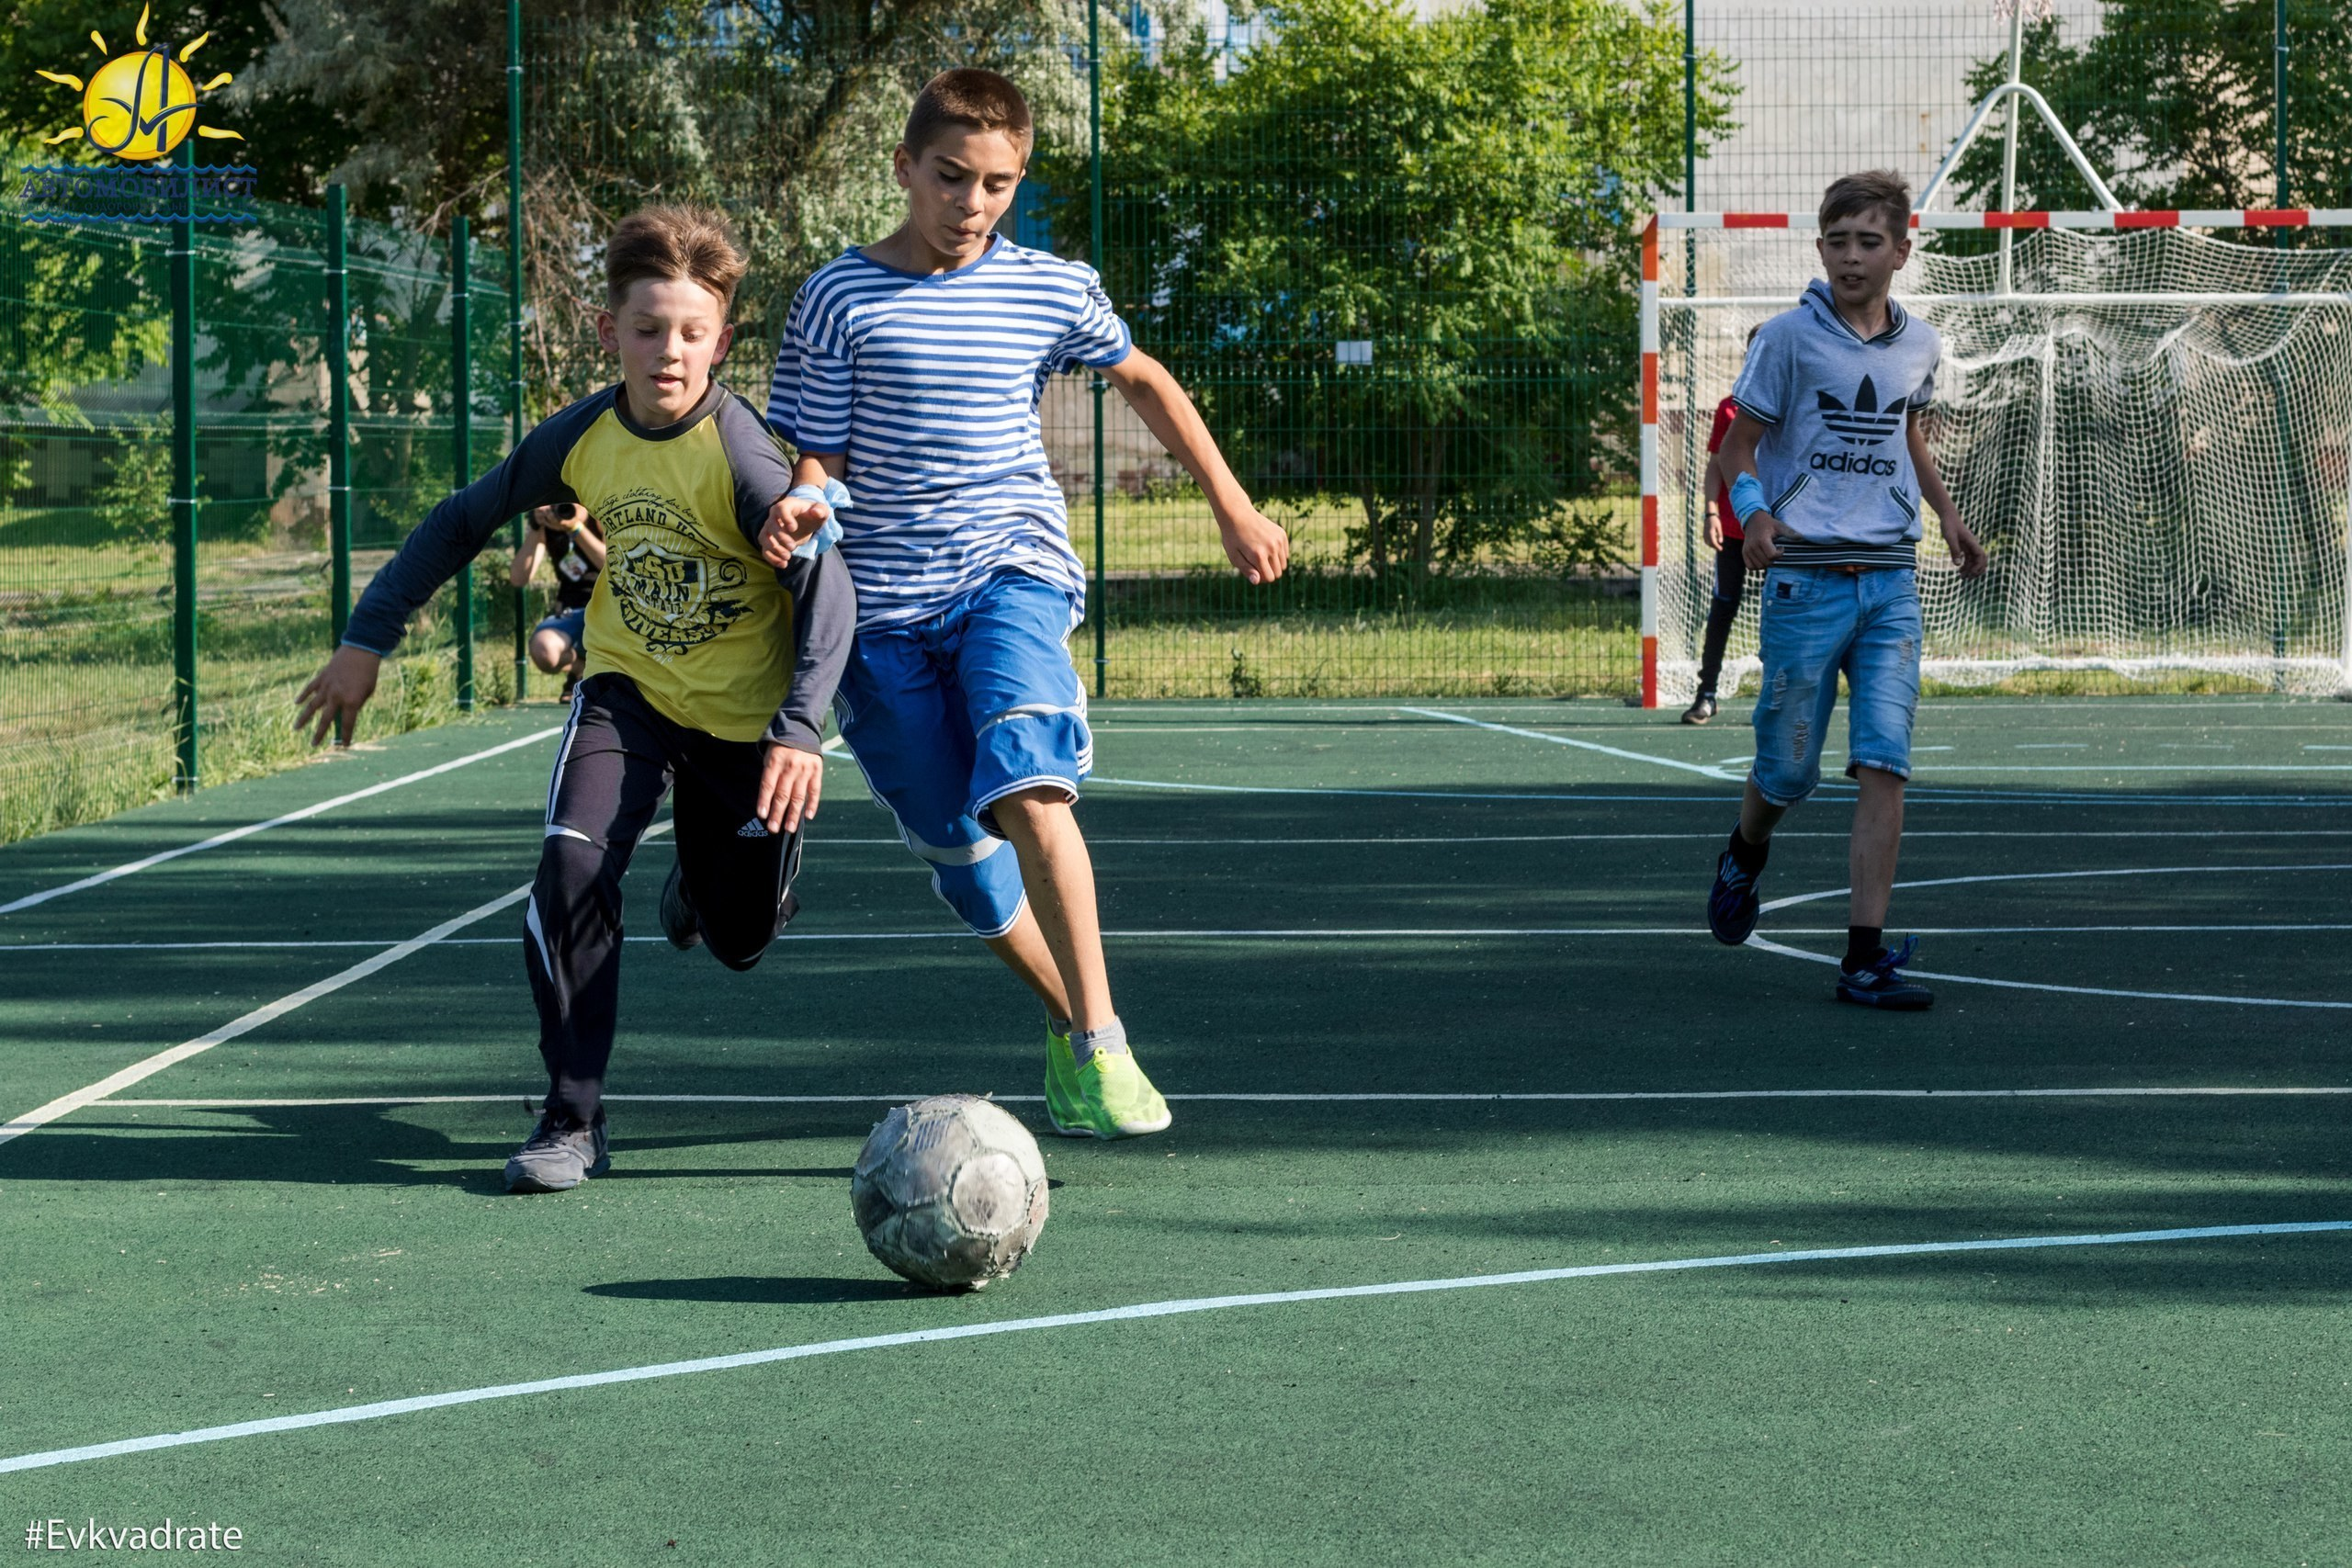 Спортивные лагеря отдыха и базы для спортивных команд - лето 2020 г.